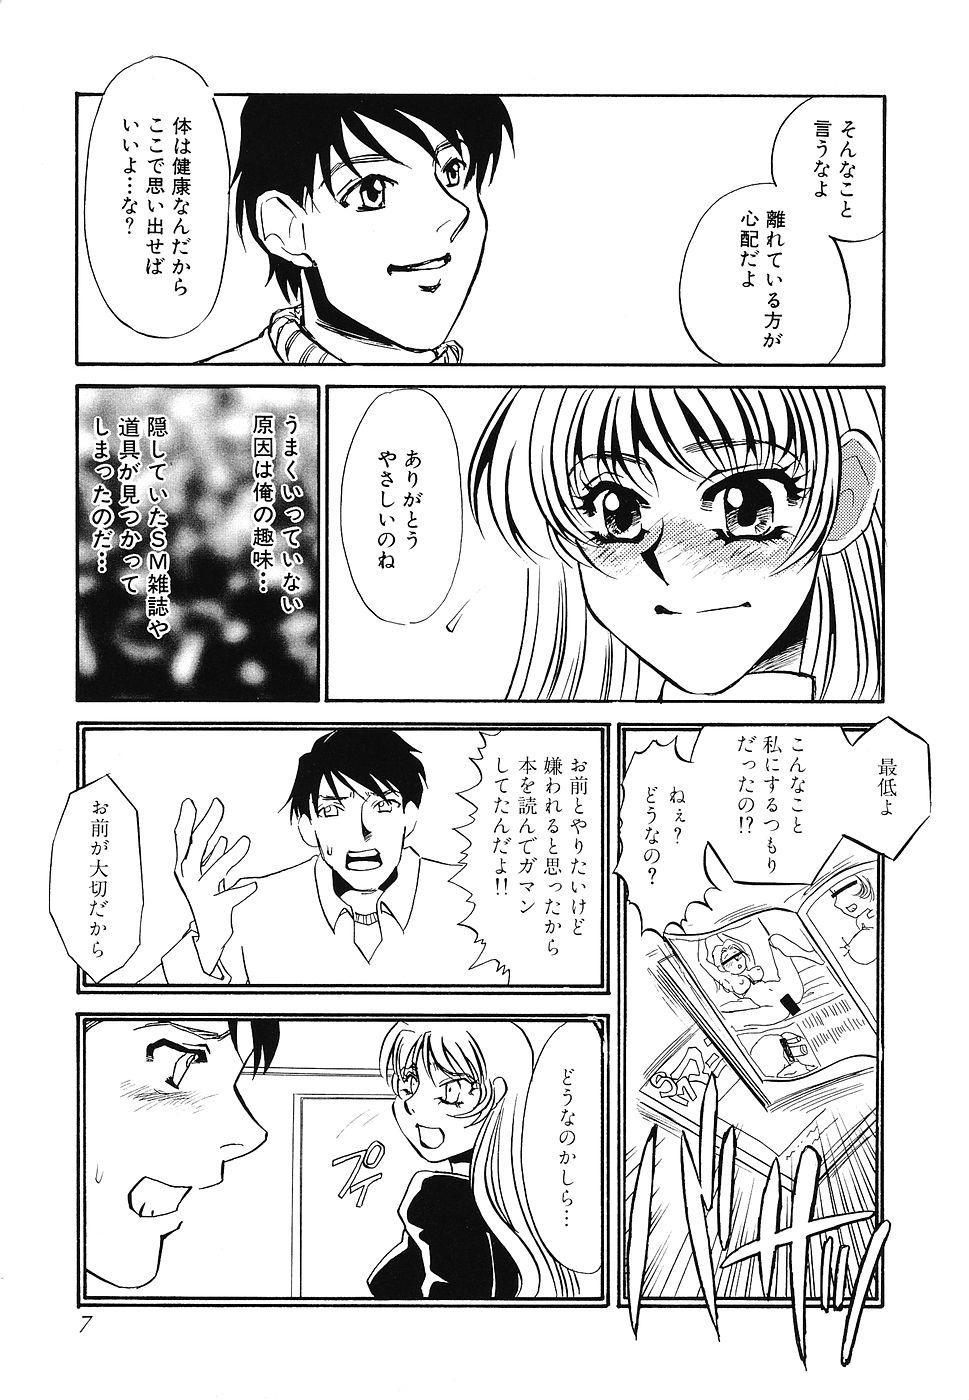 yurushite 7